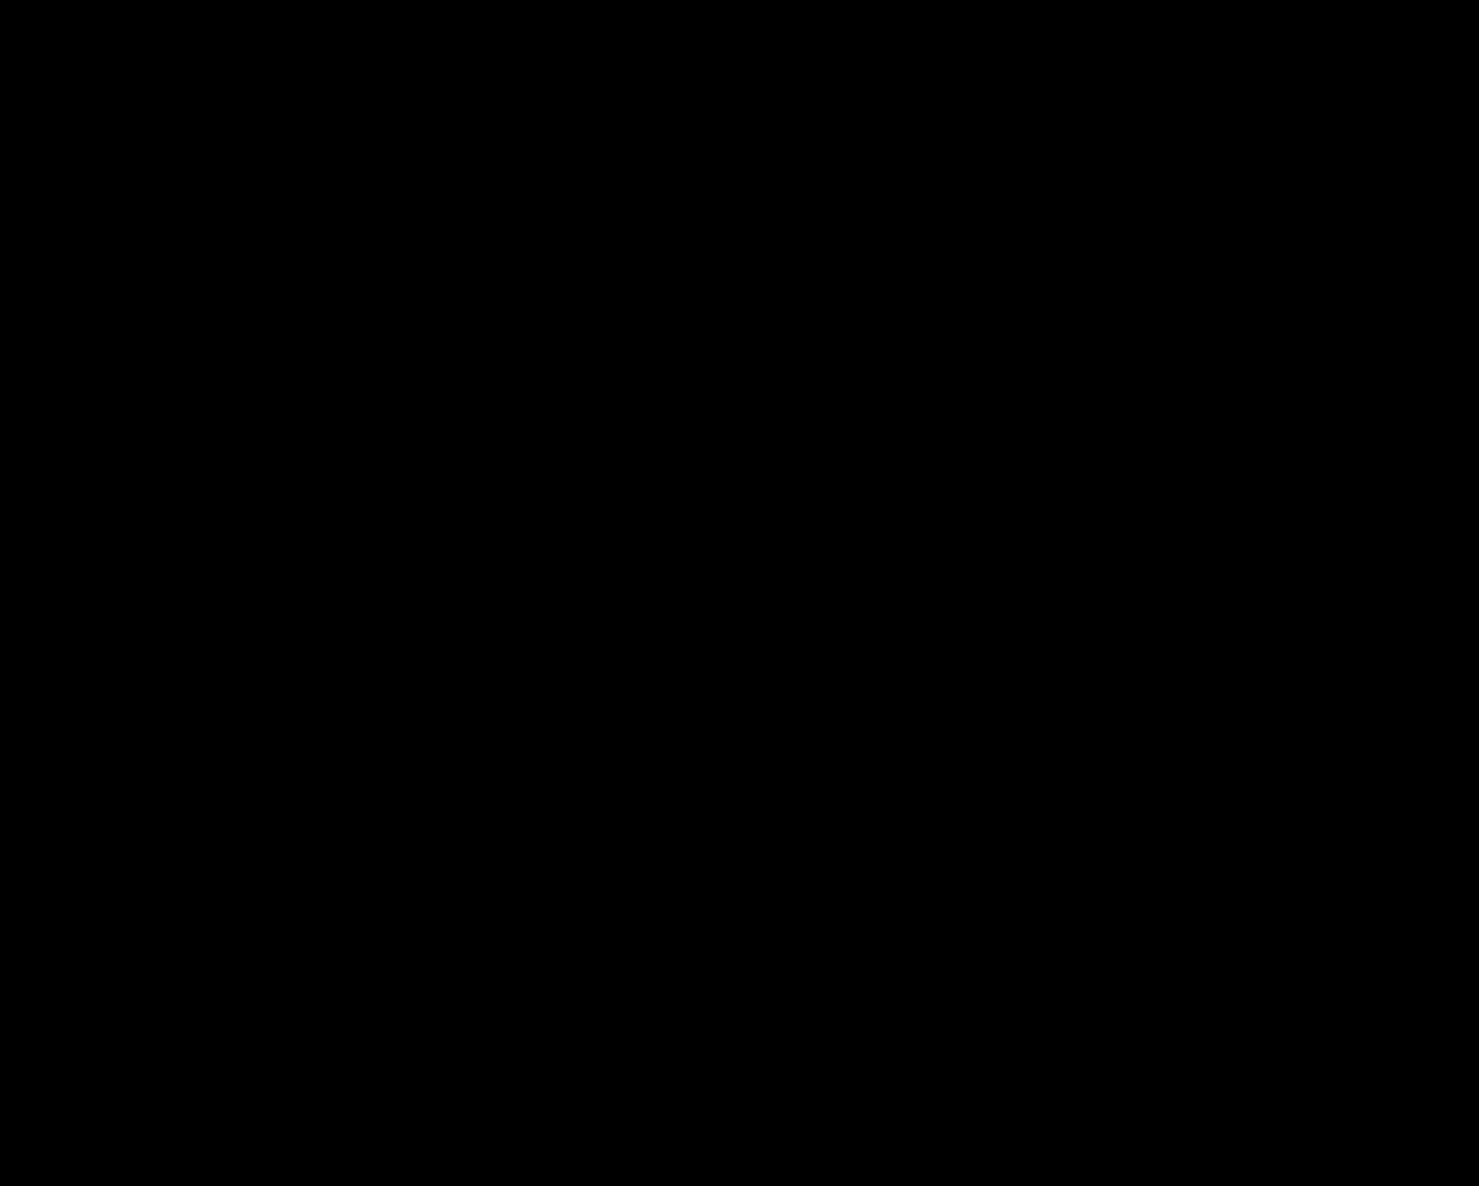 ilsa vintage logo